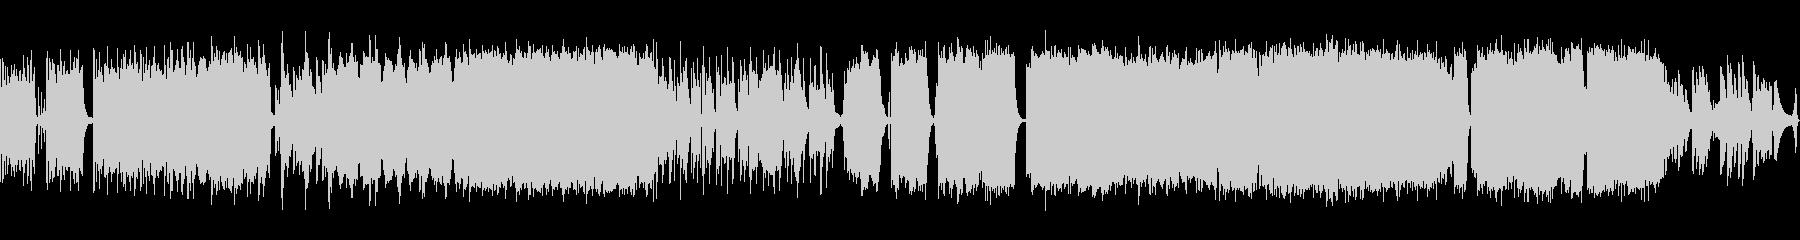 打ち込みEDM系の未再生の波形